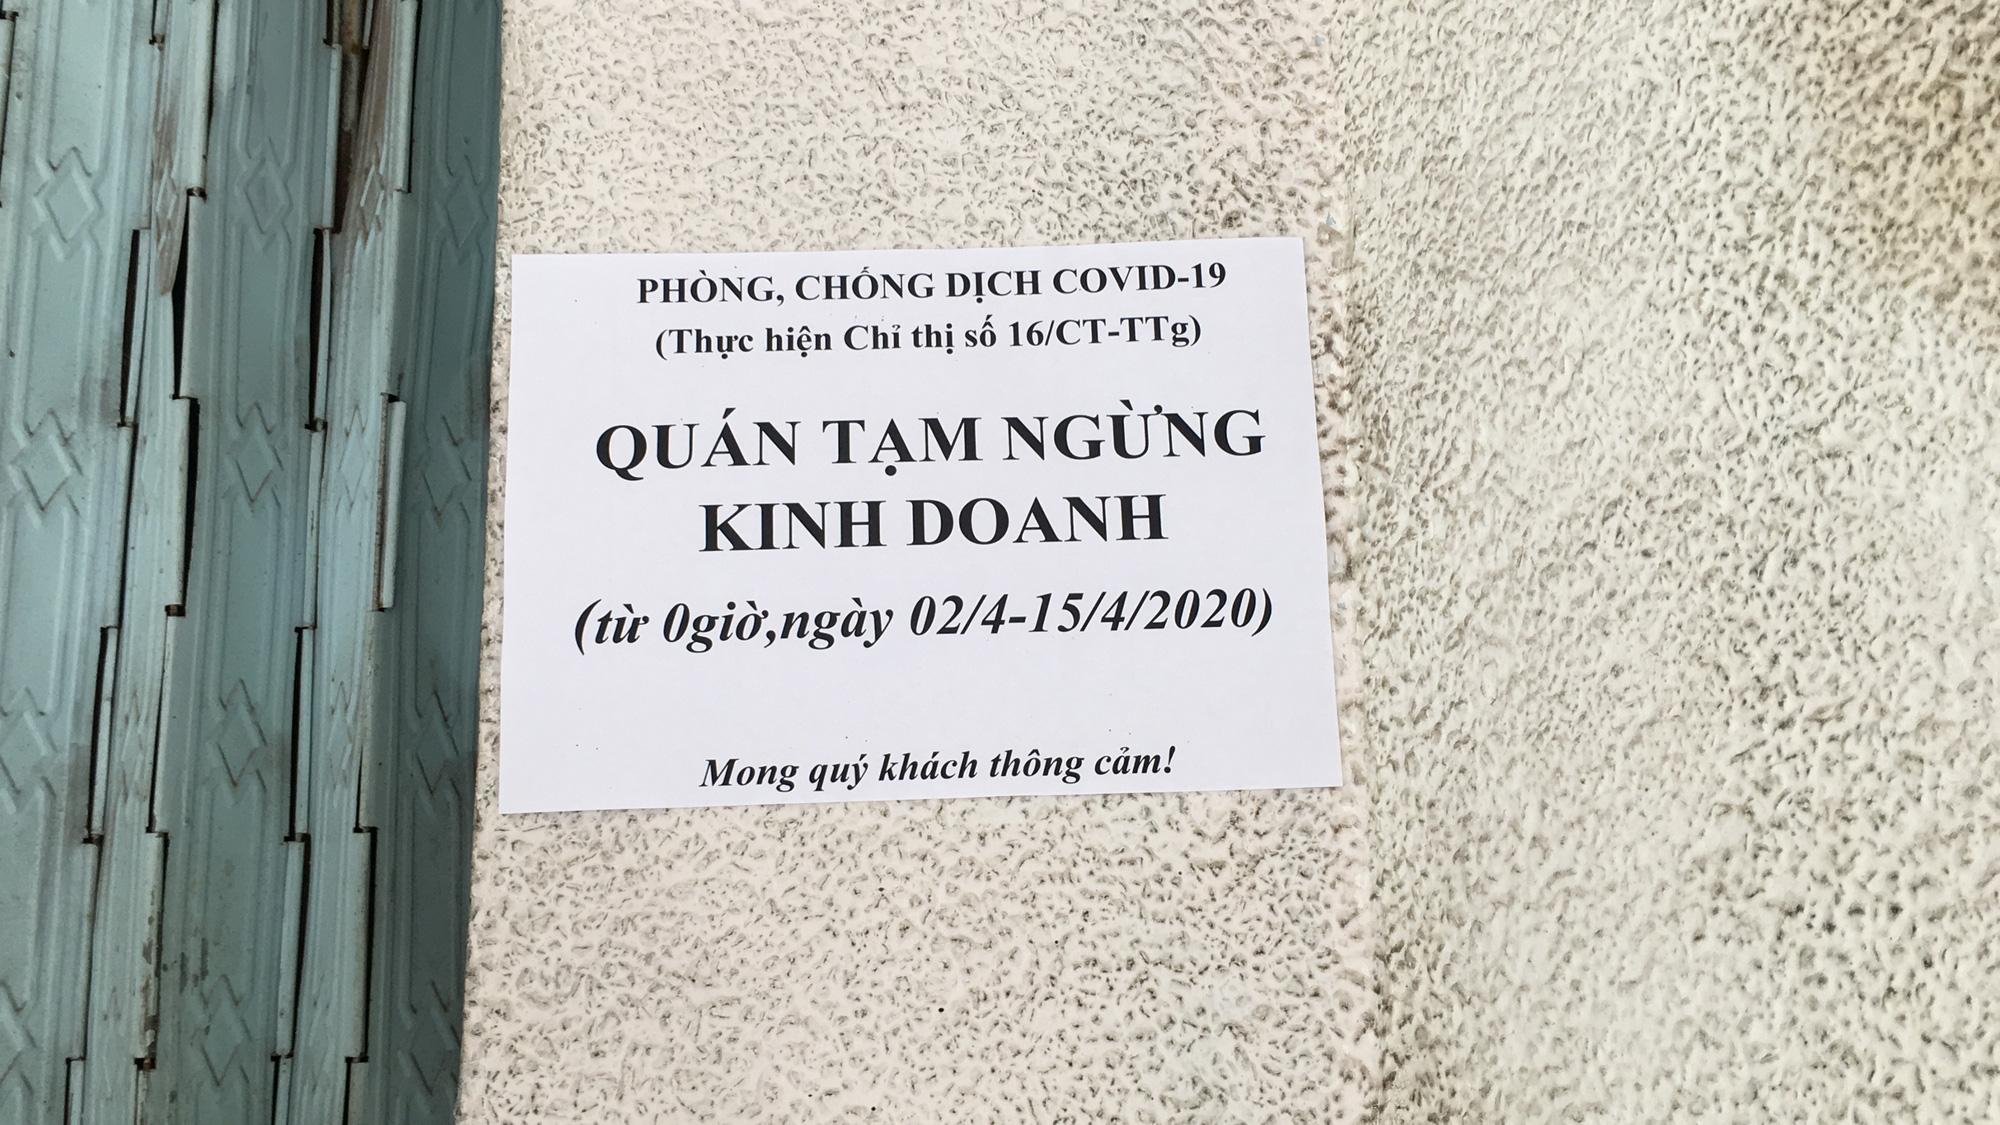 Từ quán cà phê, bánh ngọt đến trà sữa ở Đà Nẵng dừng luôn việc bán online, mang đi khi chính quyền cấm - Ảnh 16.